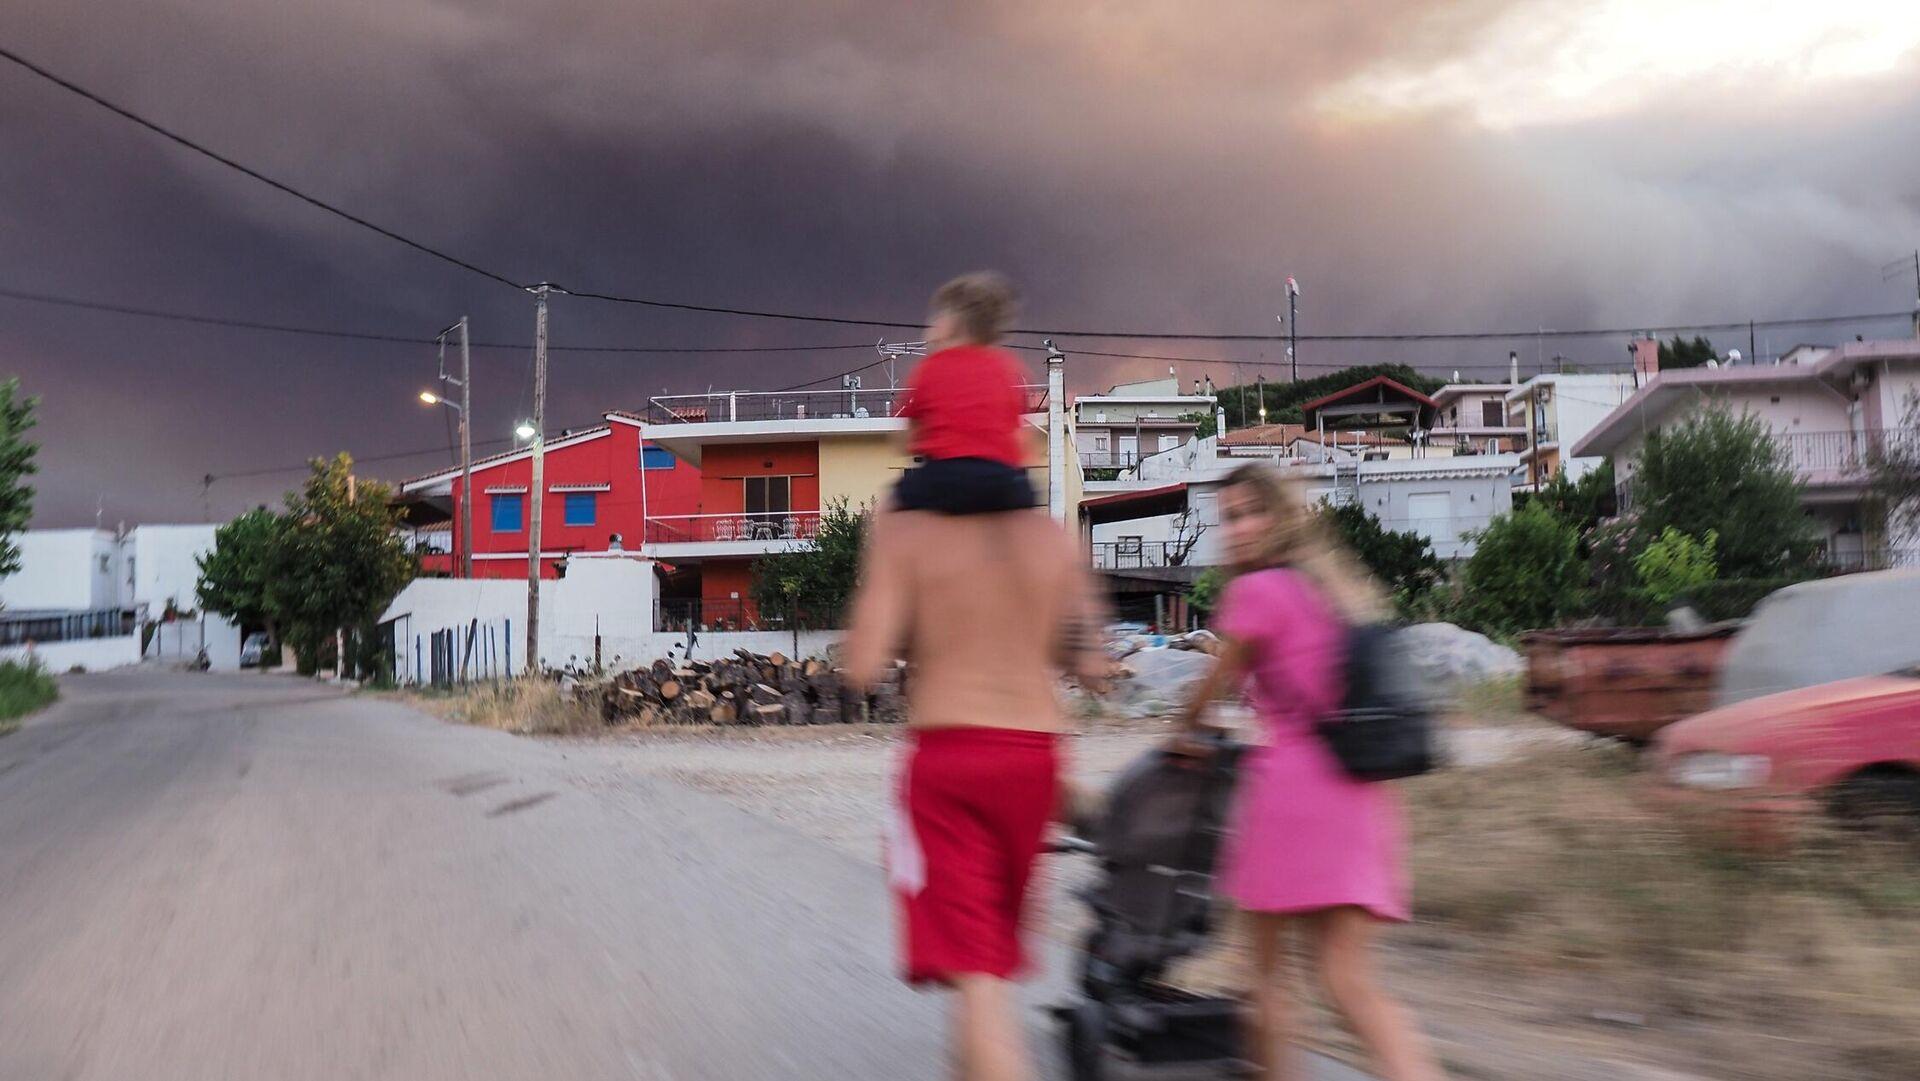 Άνθρωποι στο χωριό Μαντούδι, κατά την πέμπτη μέρα της πυρκαγιάς στη Βόρειας Εύβοια - Sputnik Ελλάδα, 1920, 09.08.2021